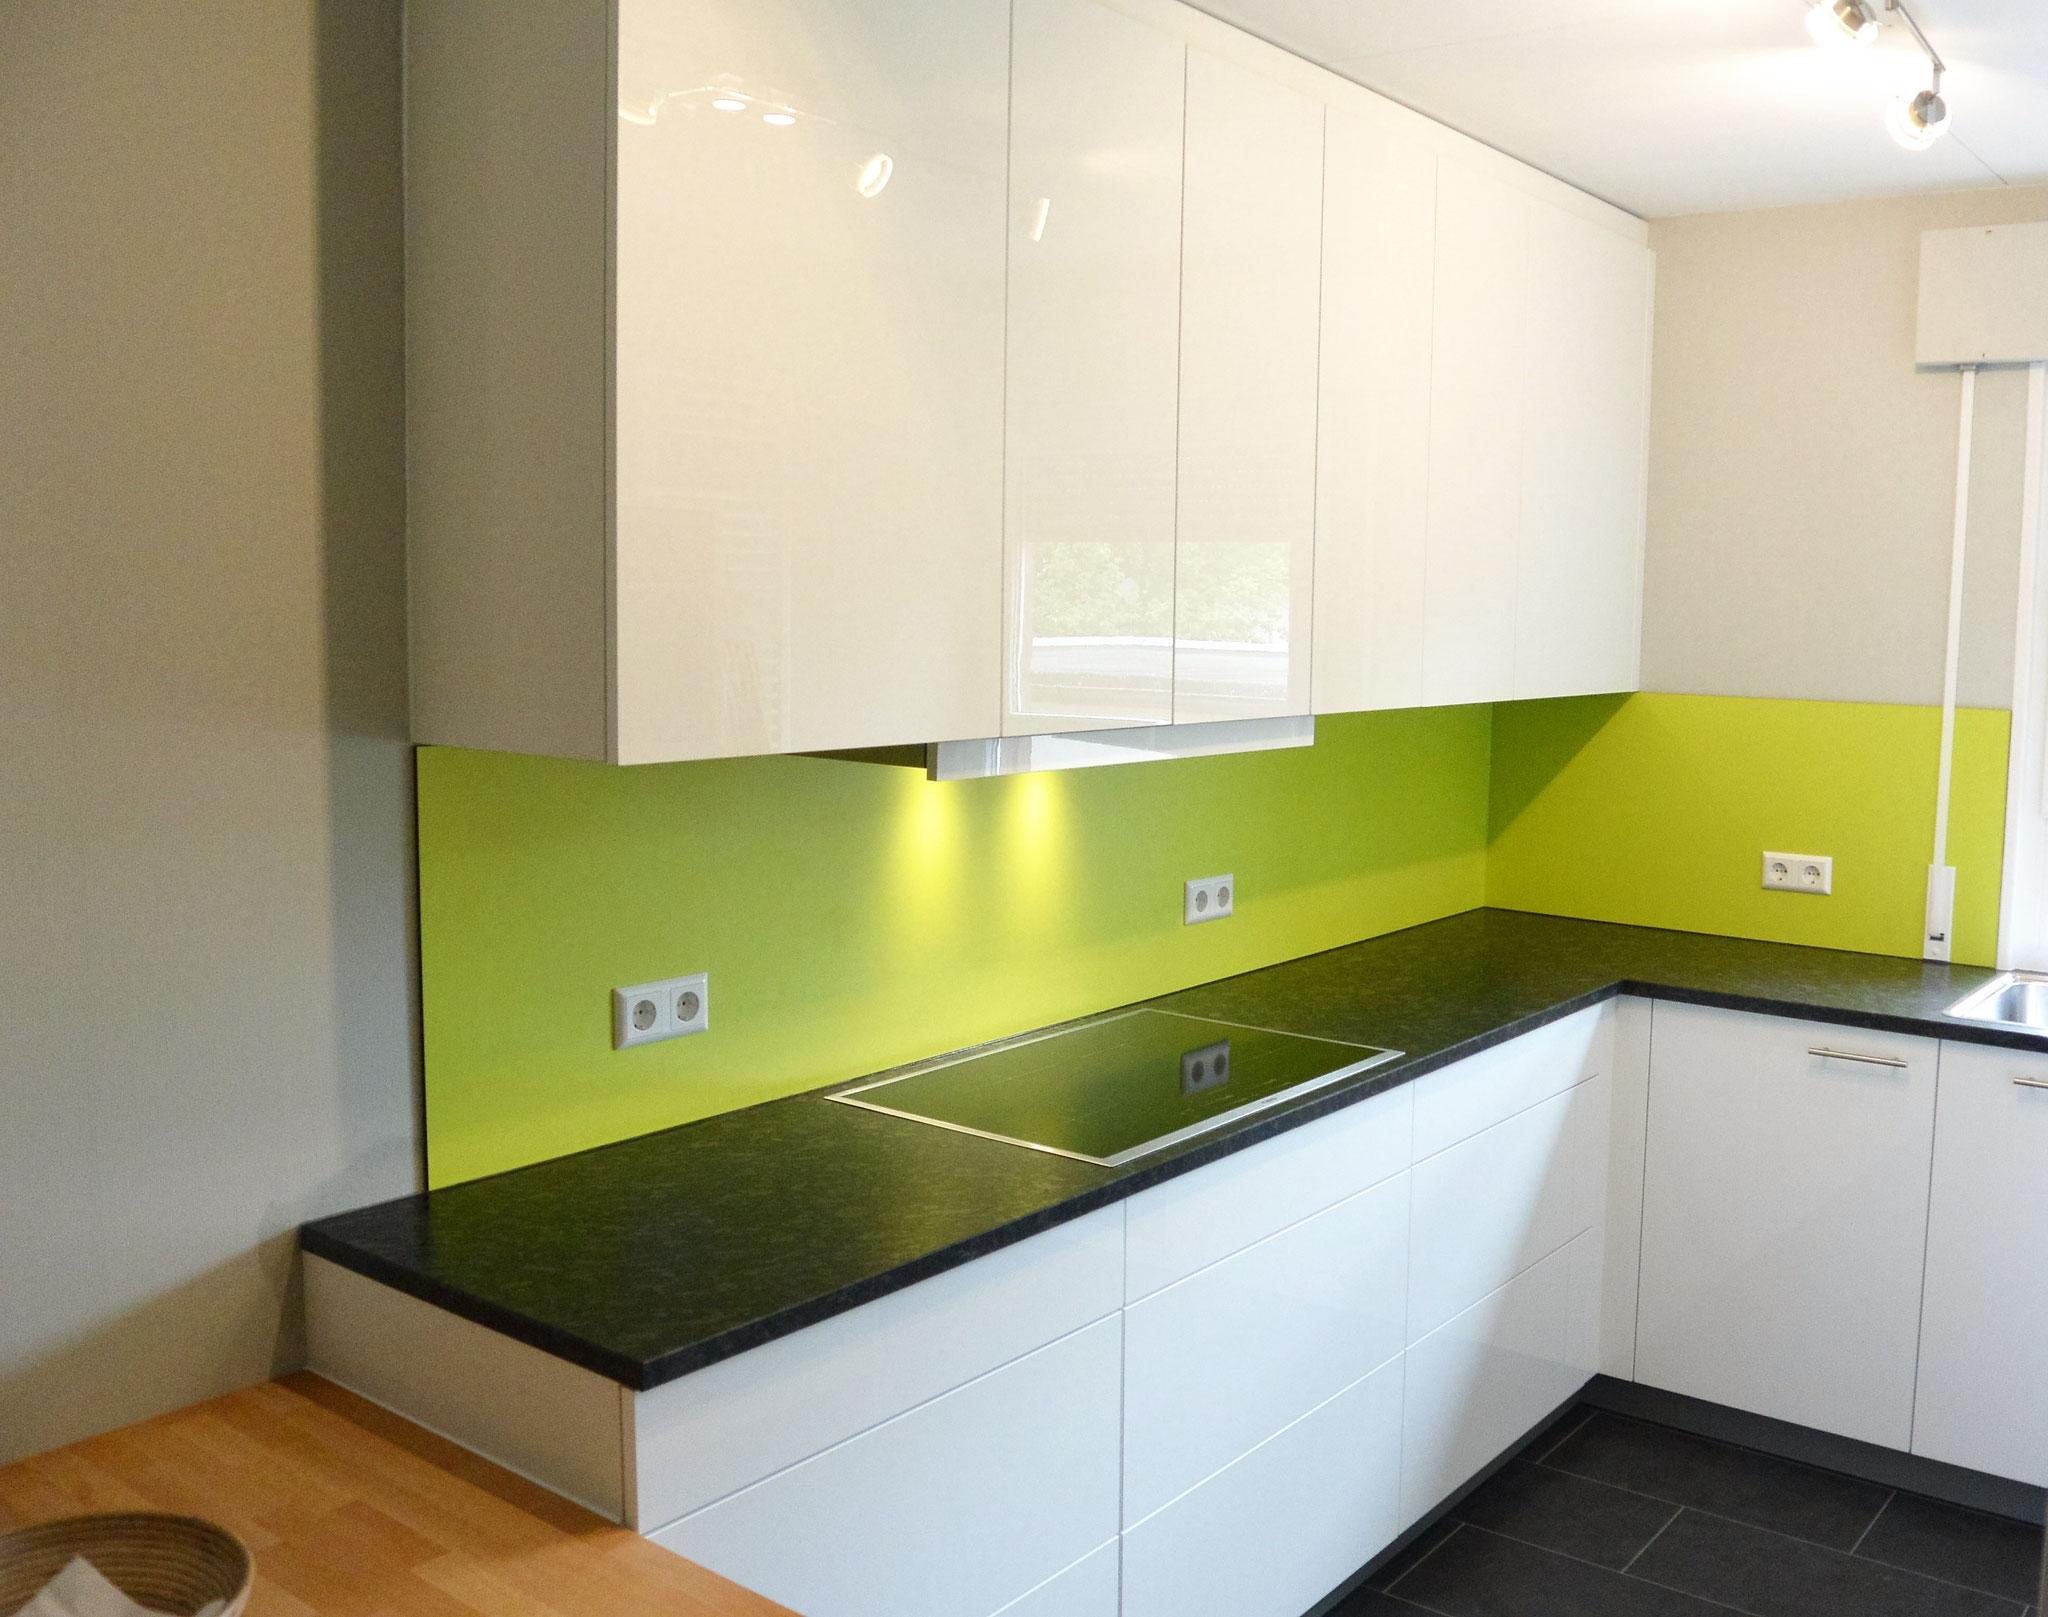 Einbauküche in Hochglanz weiß mit grünen Nischenplatten & schwarzer Granit Arbeitsplatte